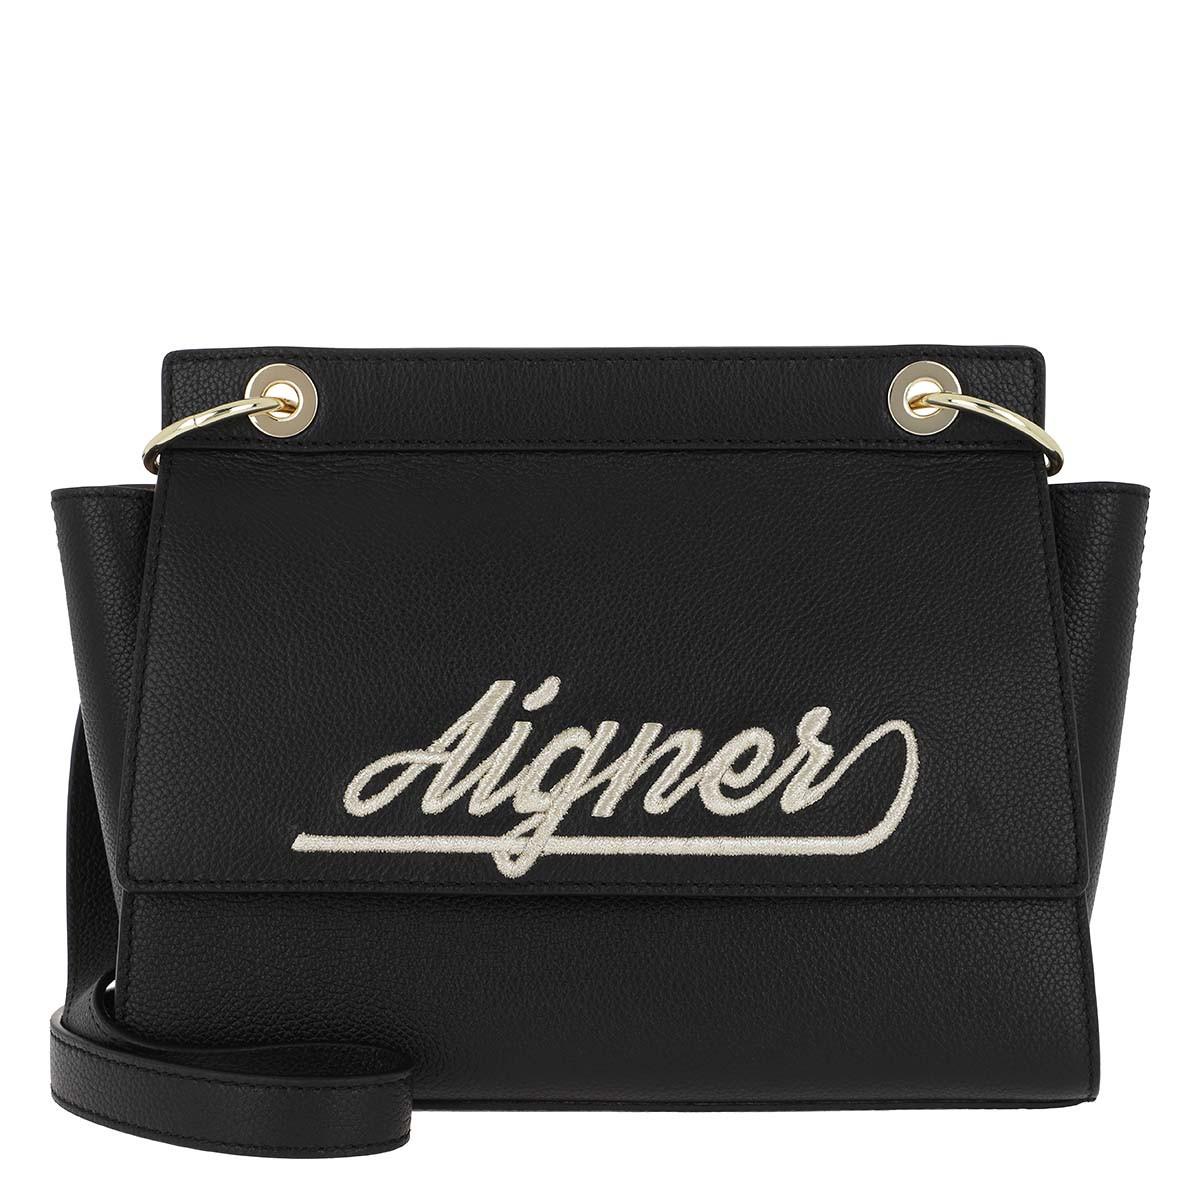 Aigner Umhängetasche - Gloria S Crossbody Bag Black - in schwarz - für Damen